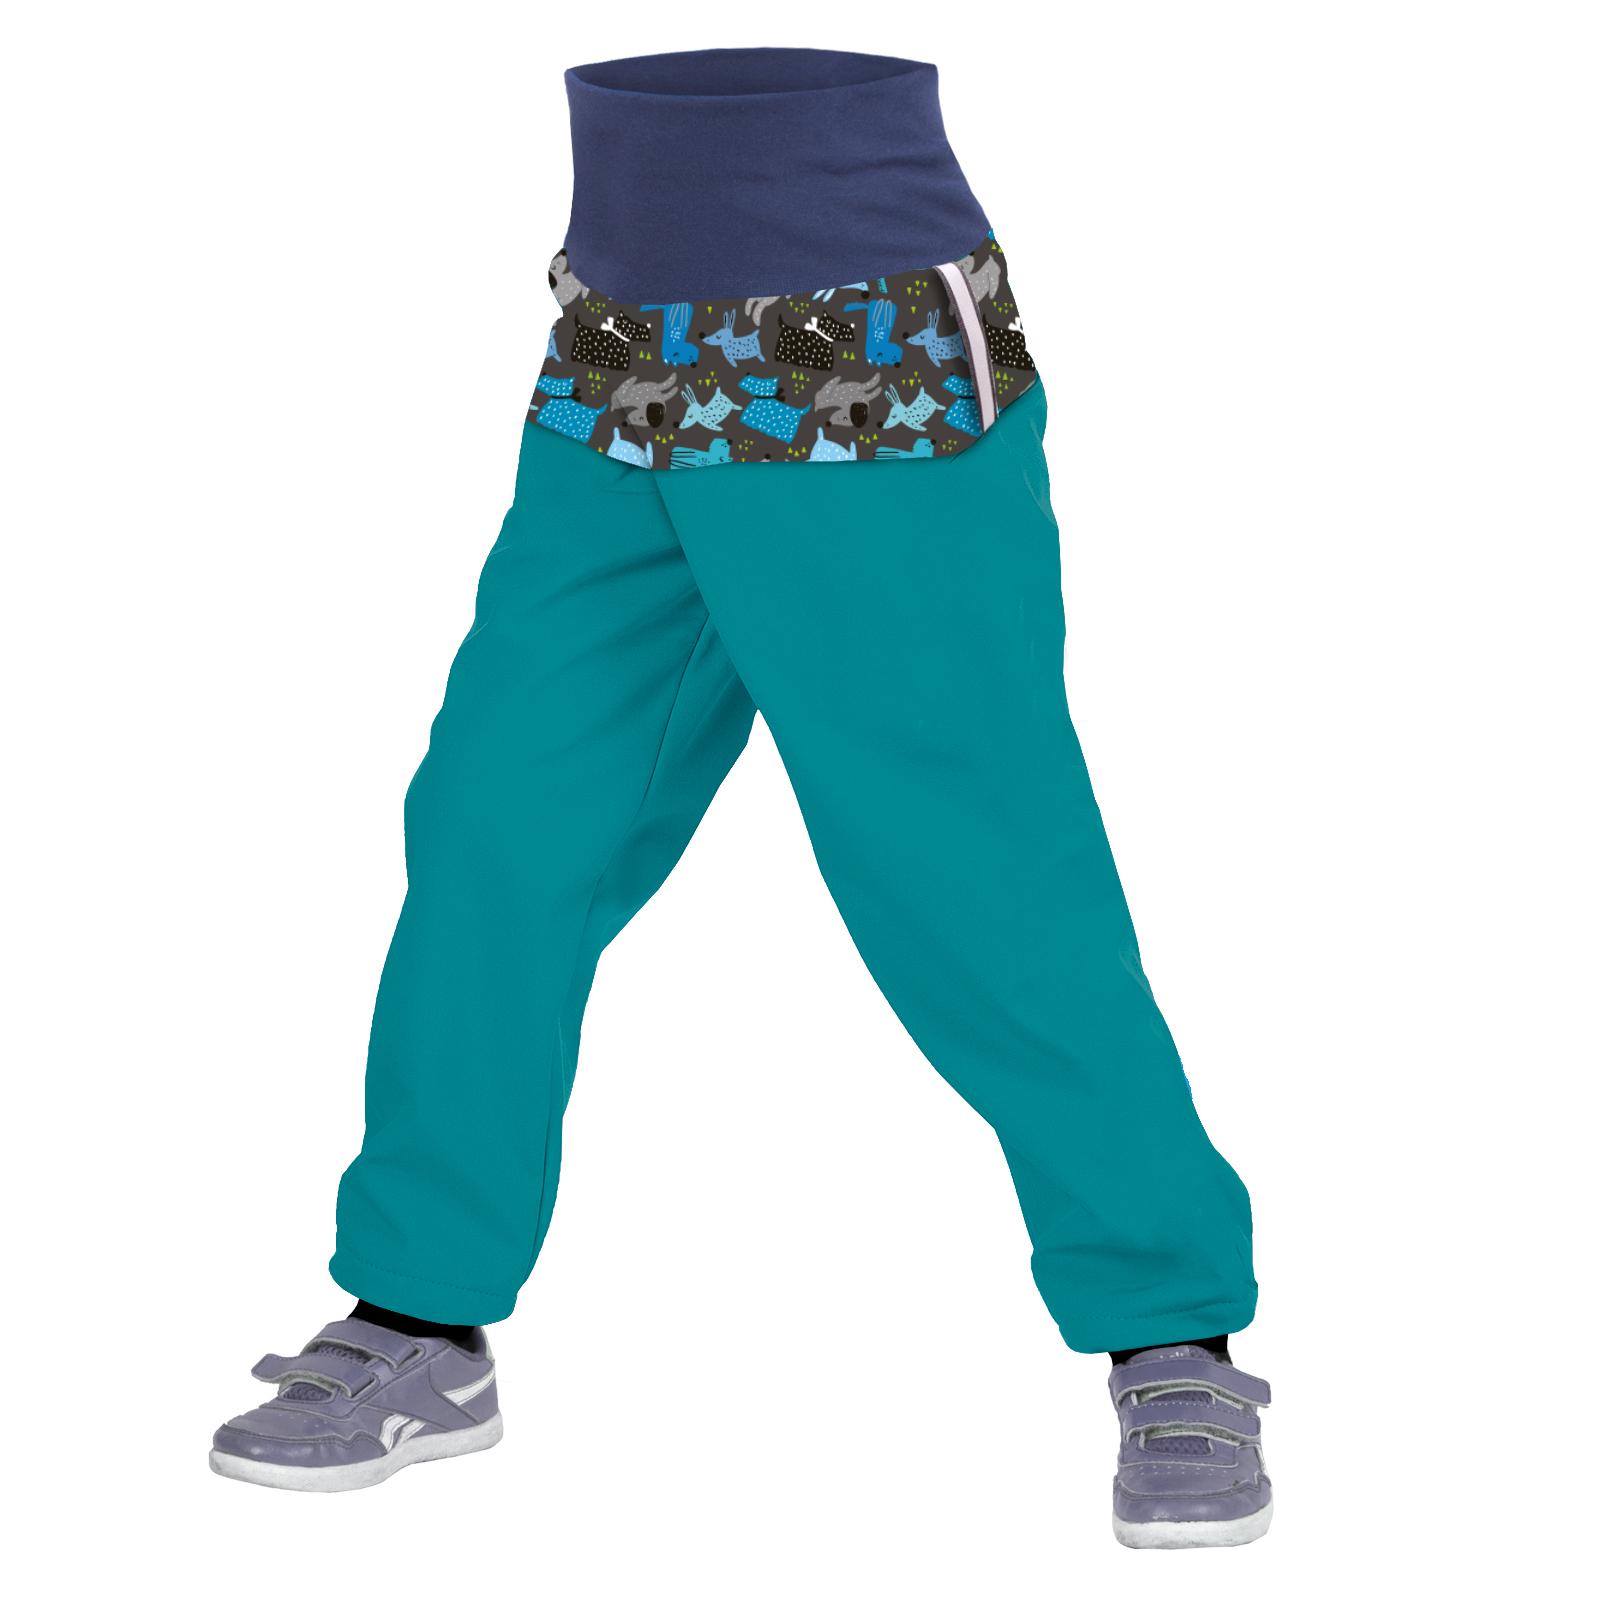 Unuo Batolecí softshellové kalhoty s fleecem, Smaragdová, Pejsci Velikost: 92/98 SLIM dětské kalhoty